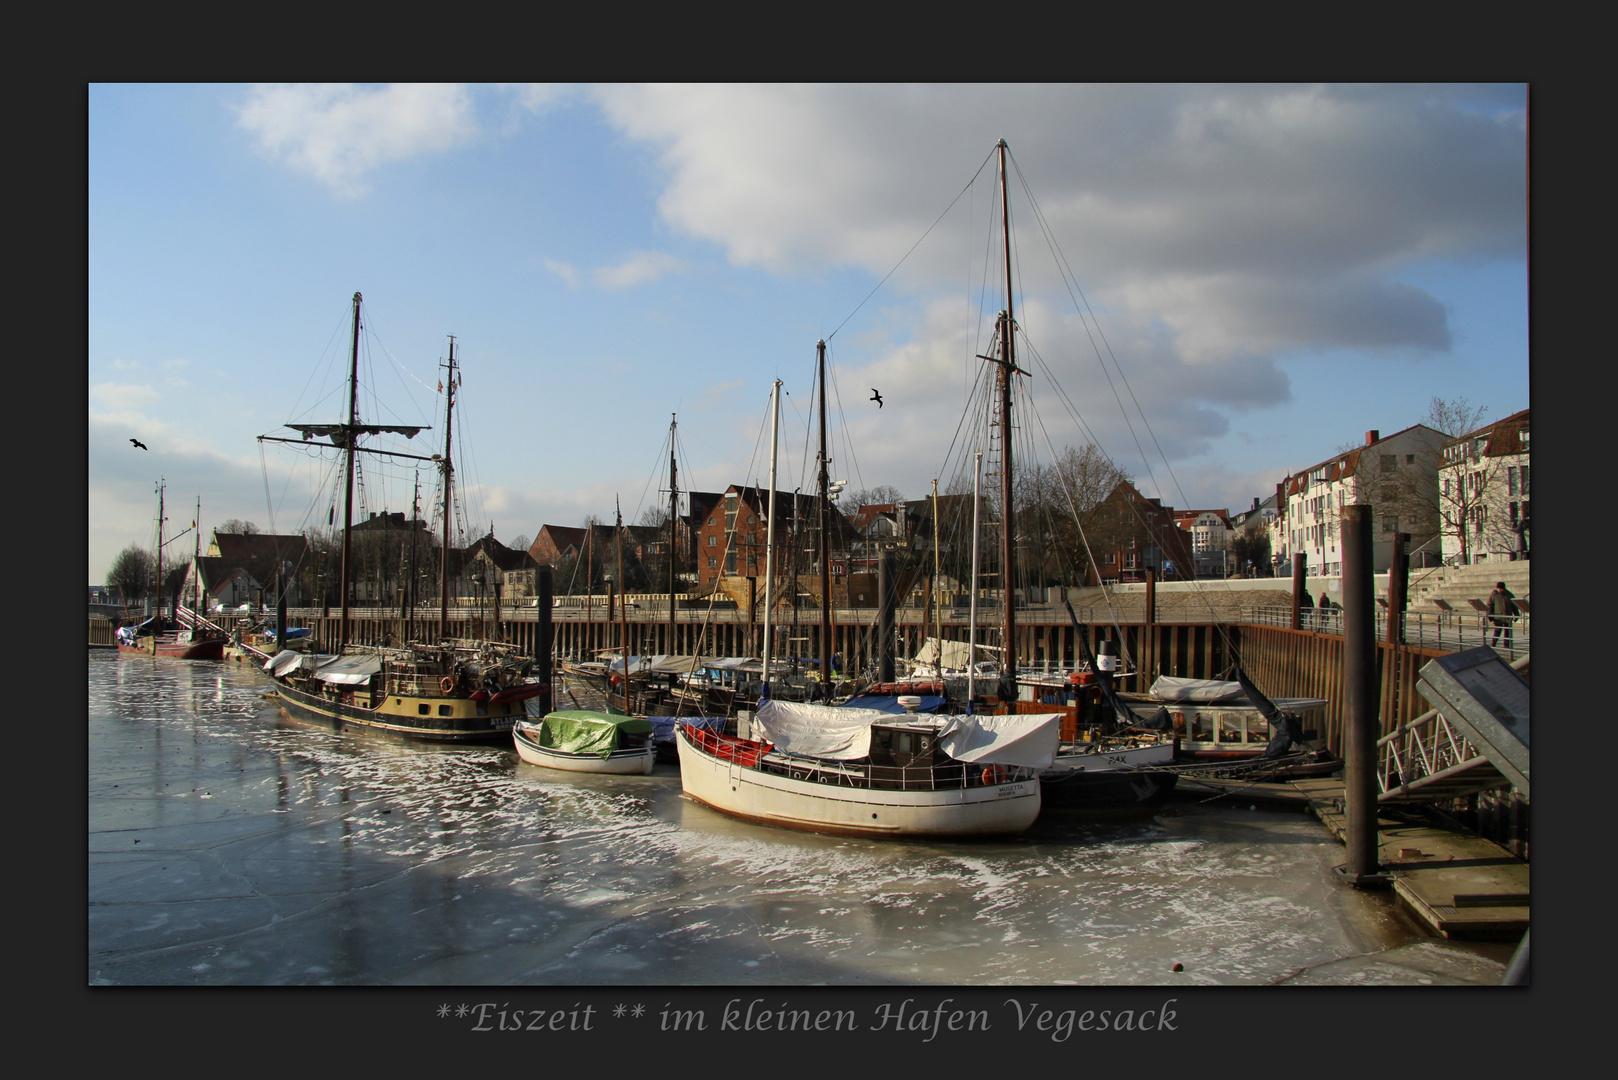 Hafen Vegesack